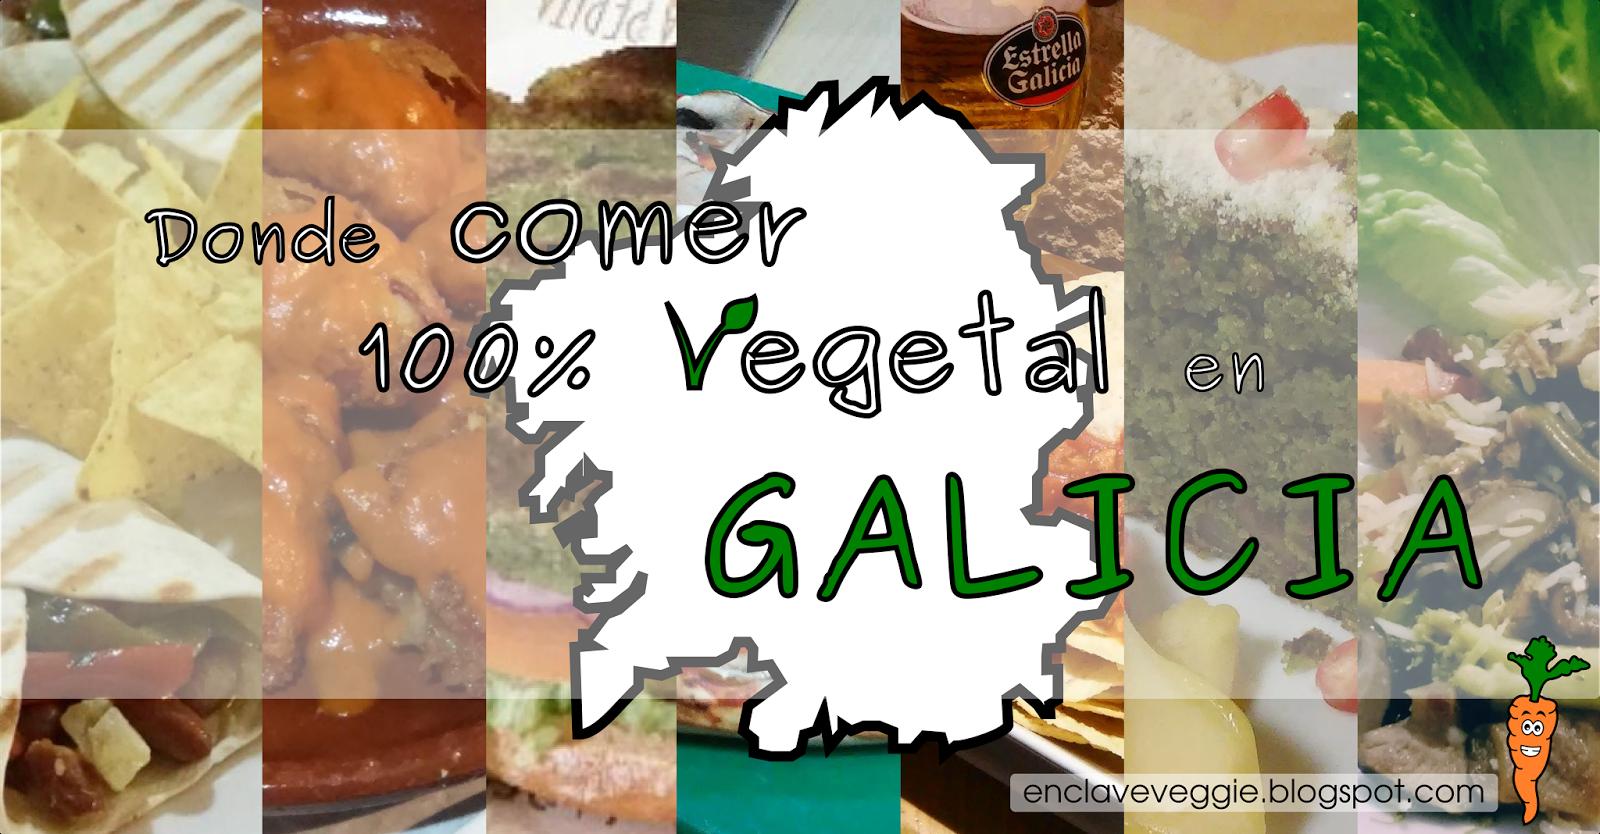 Donde comer 100% vegetal en Galicia